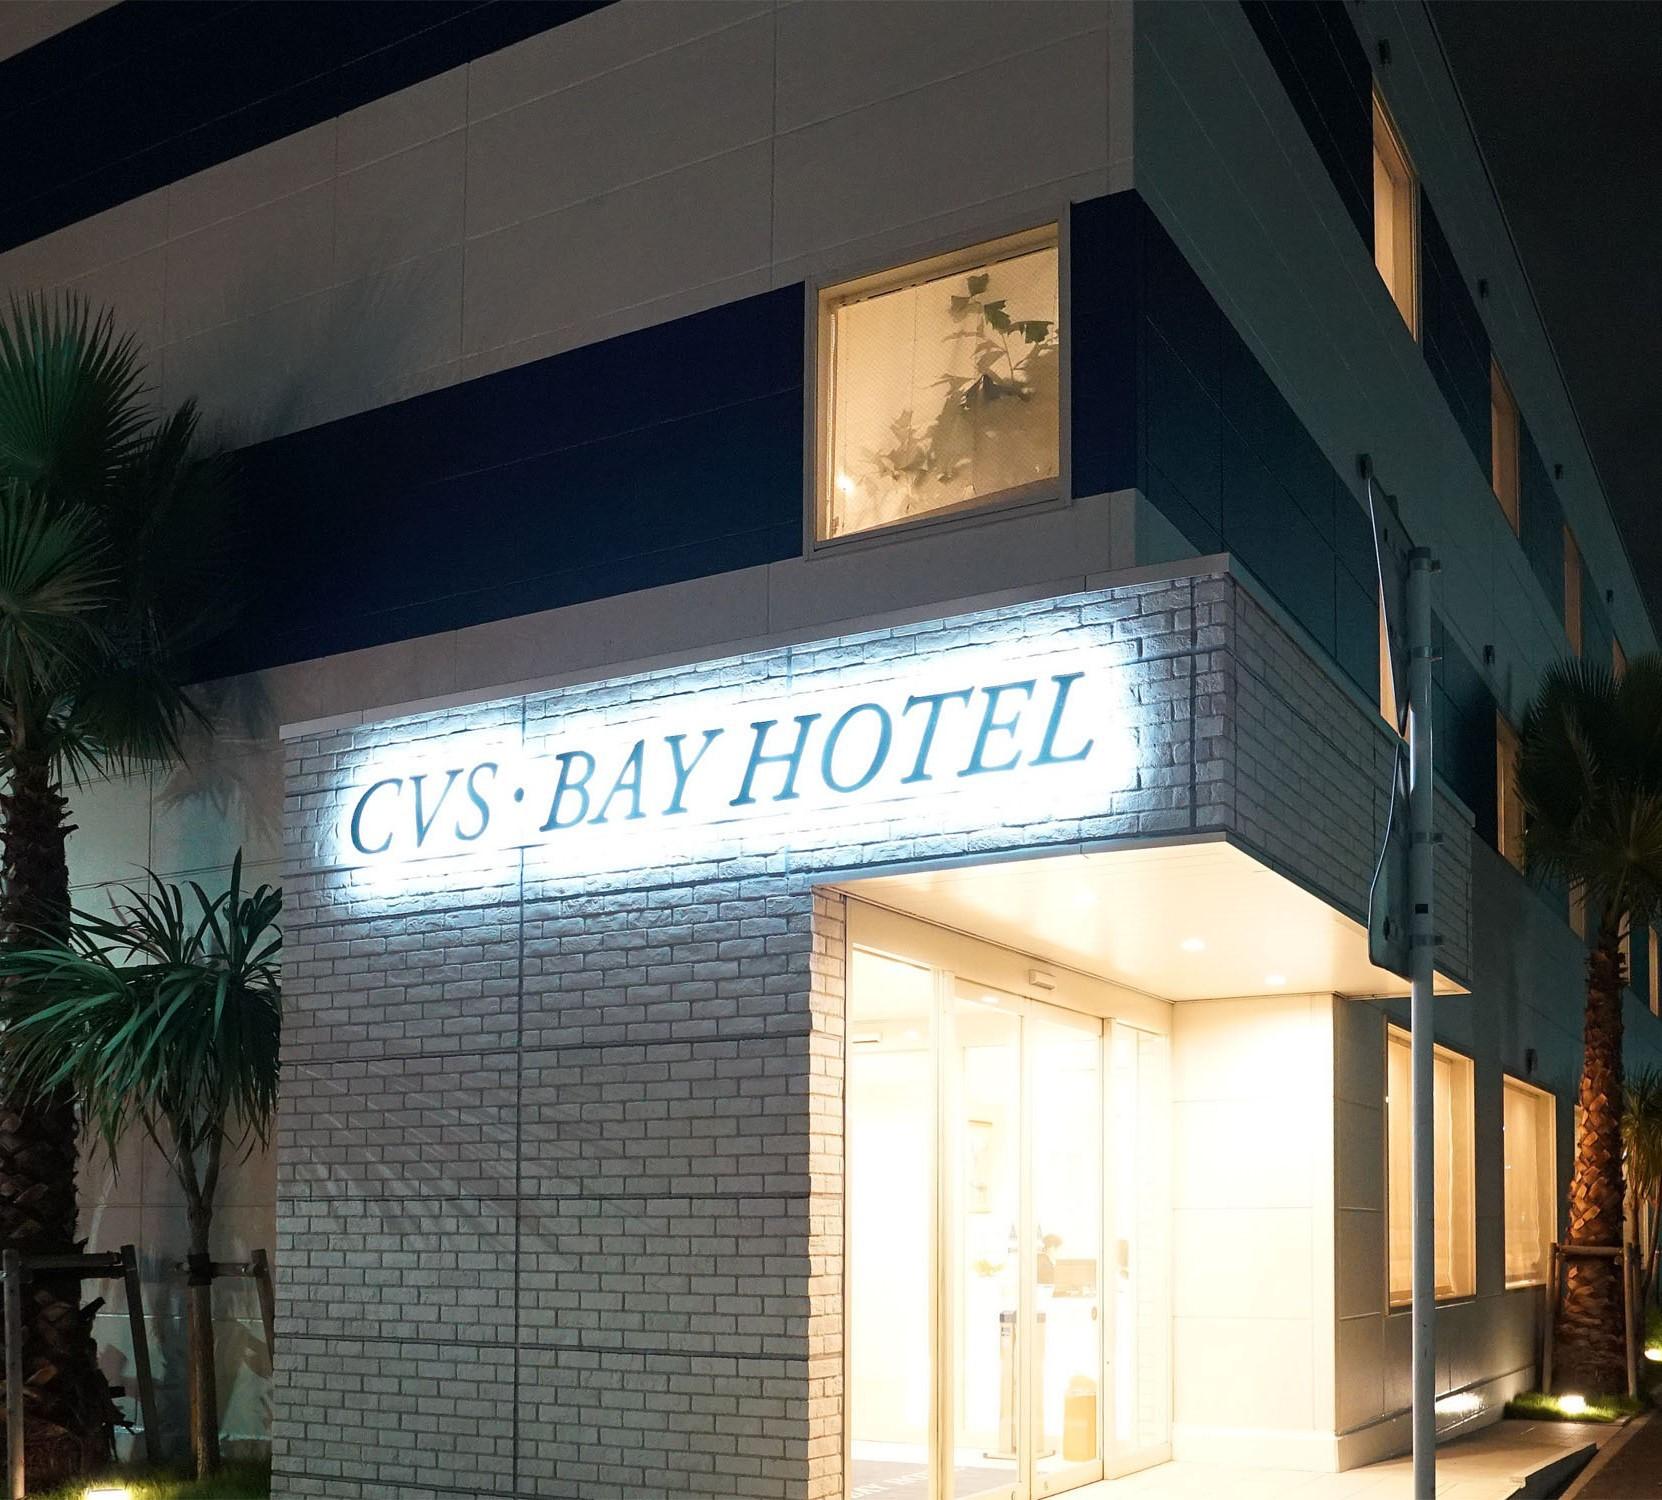 CVS・BAY HOTEL新館